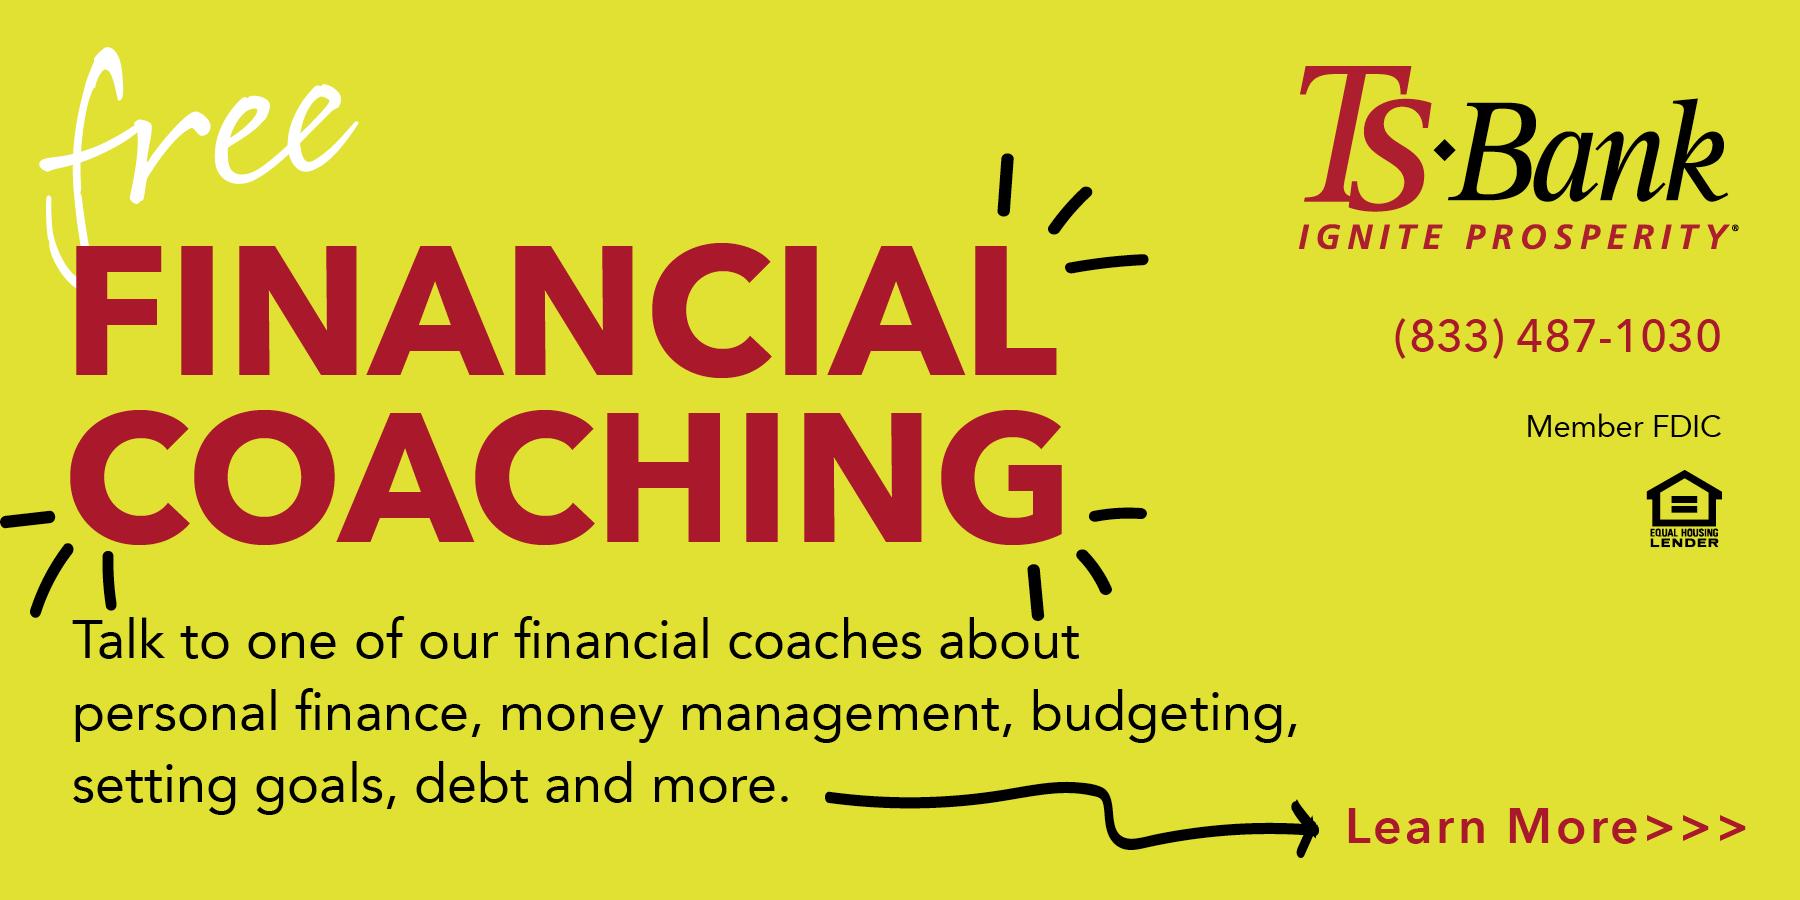 920037_-_Financial_Coaching_Ad